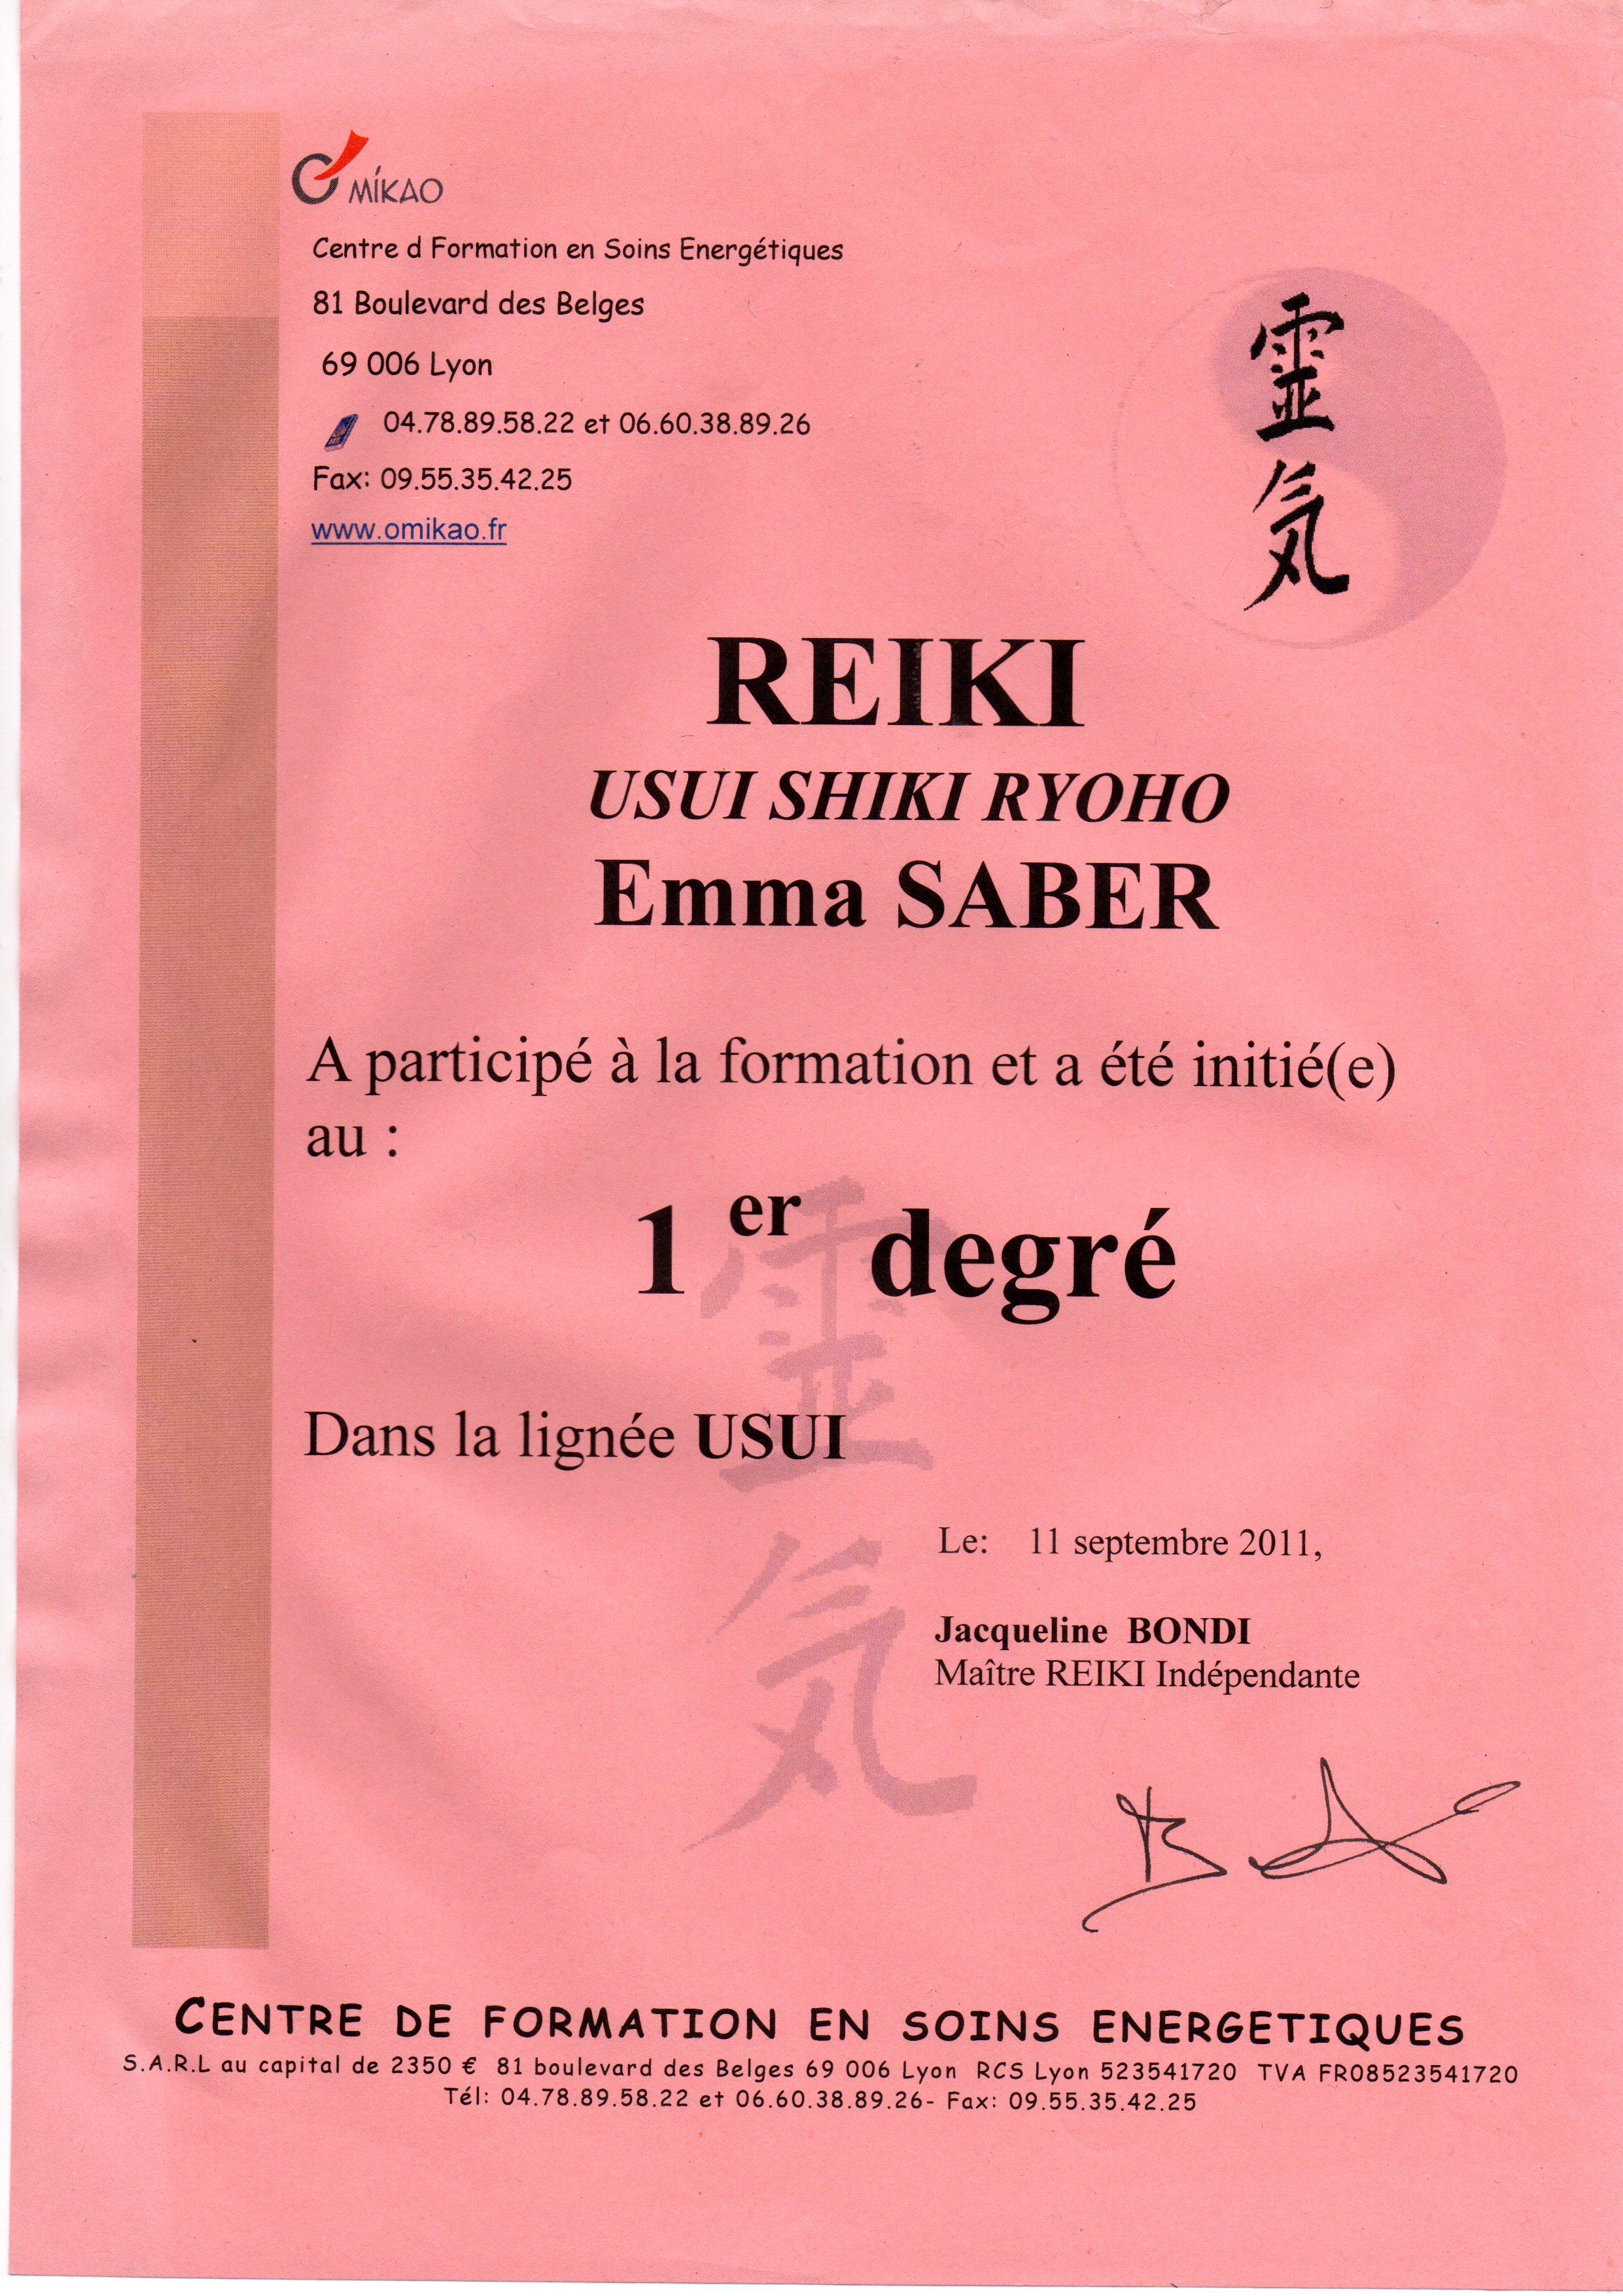 certificat-reiki-premier-degre